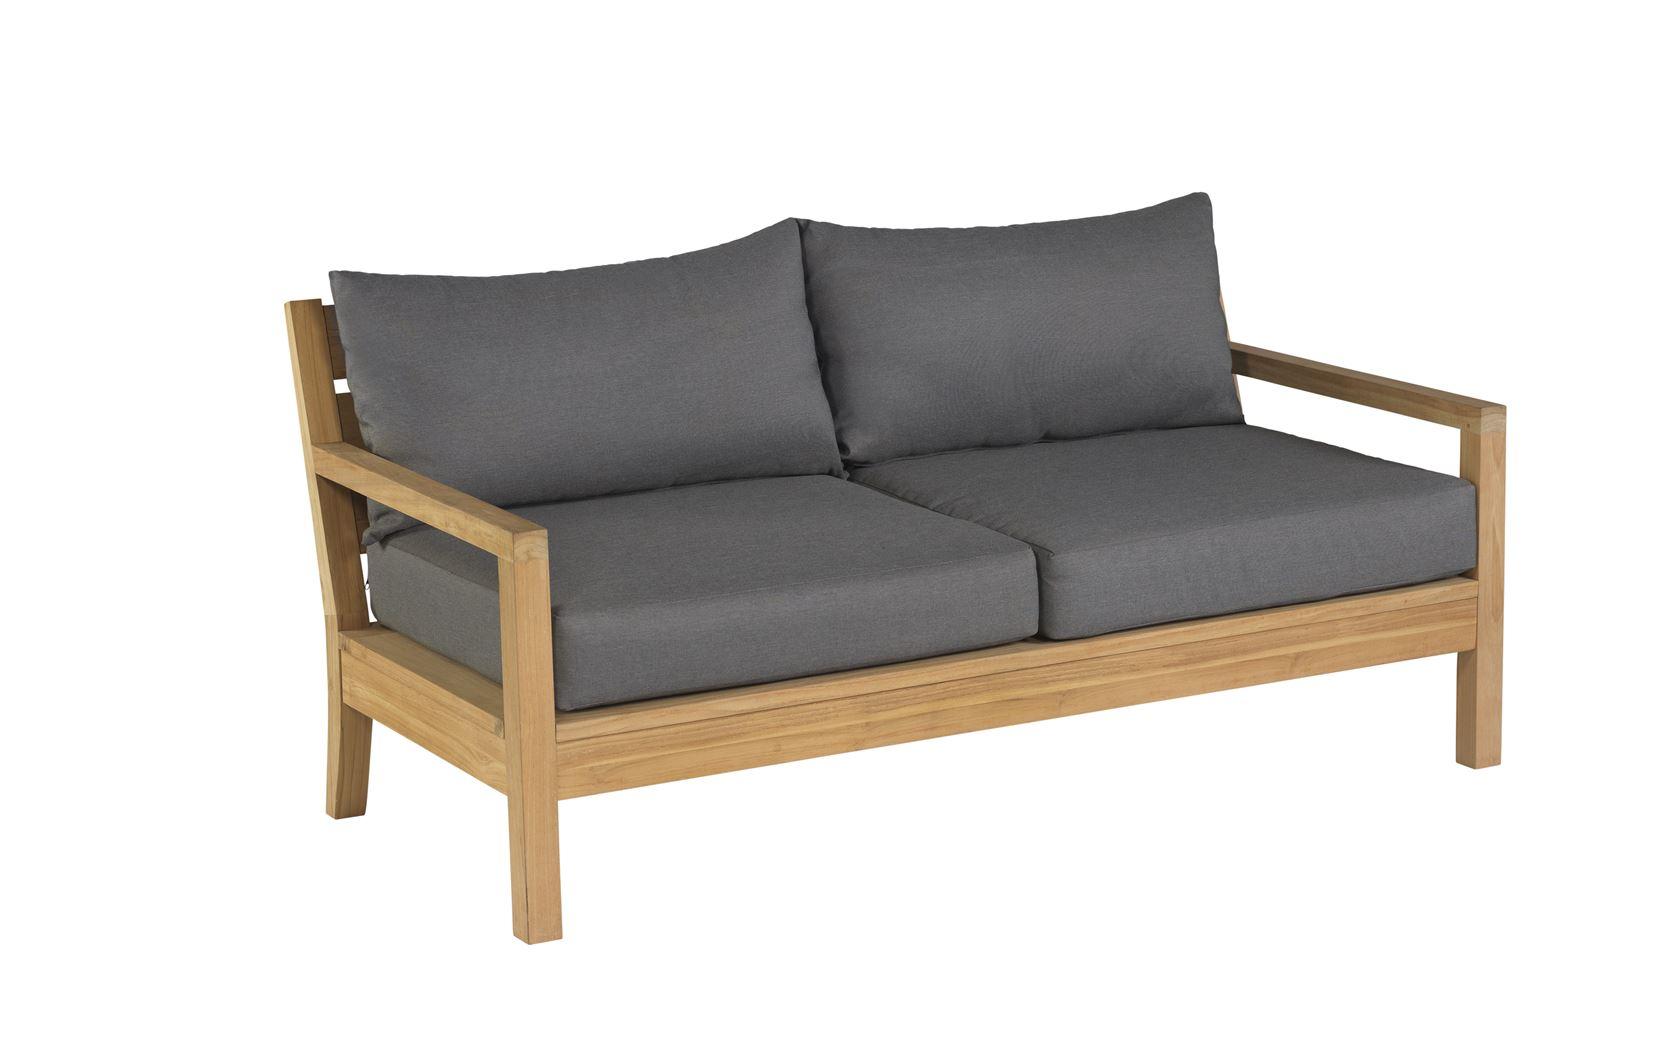 exotan st.peter lounge 2-seater